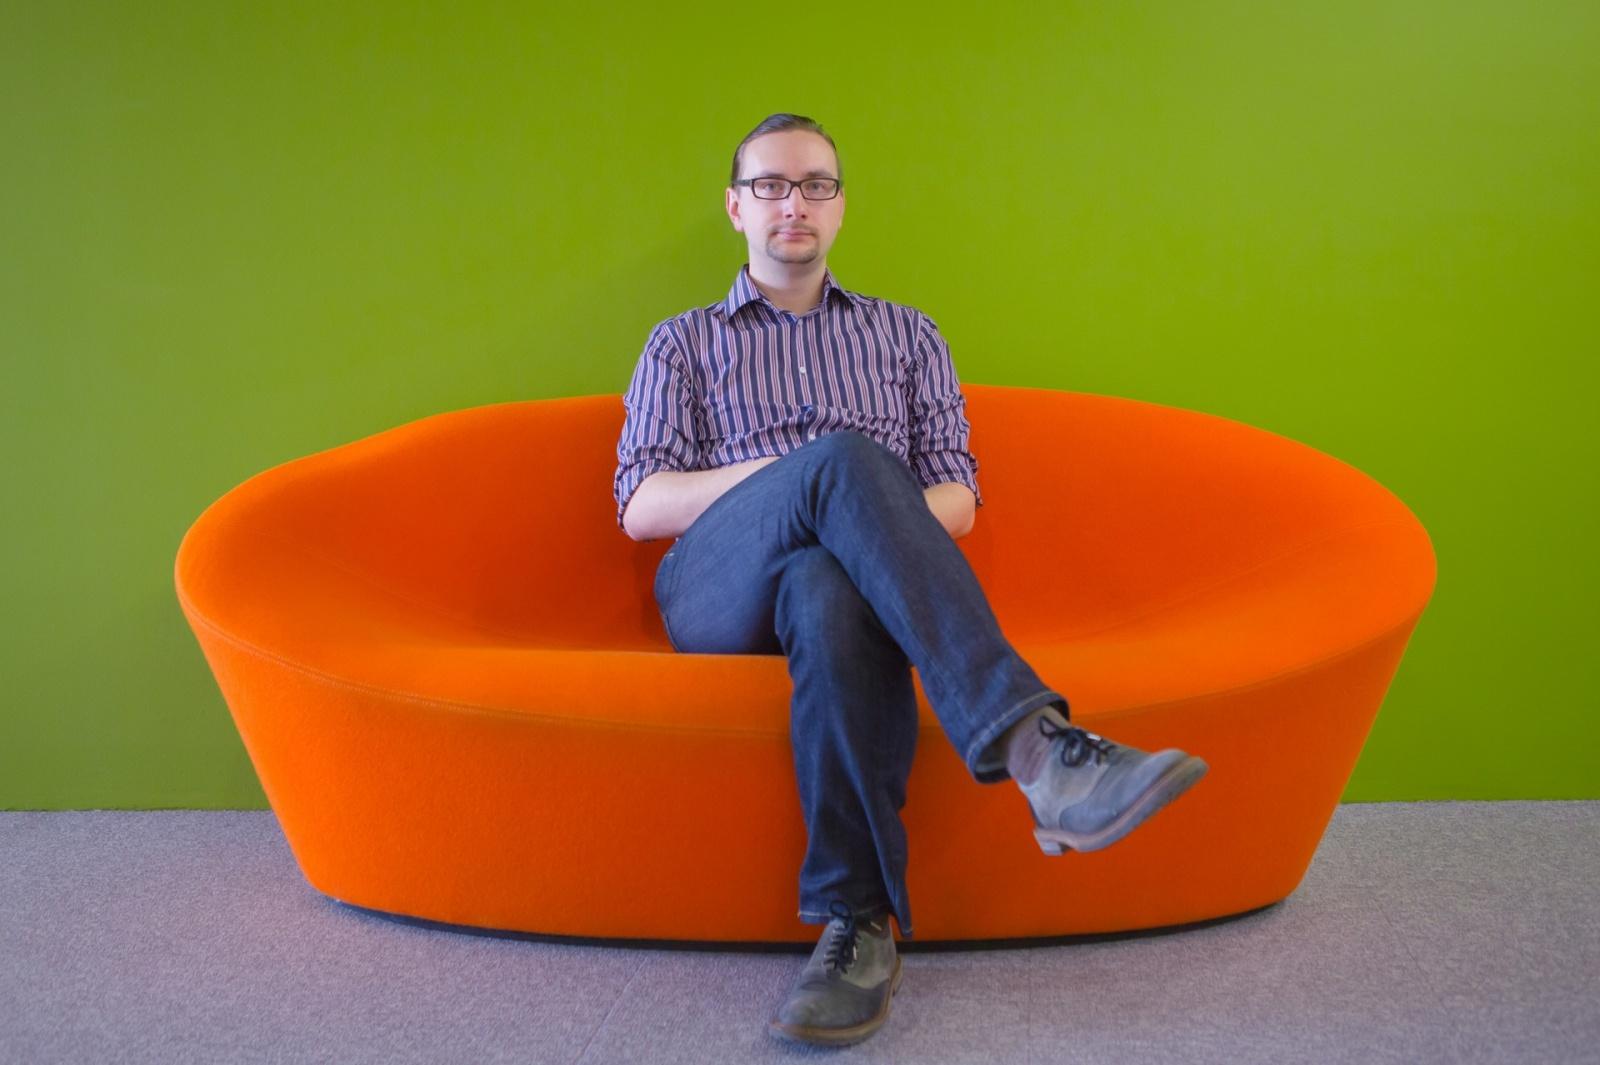 Как работают ИТ-специалисты. Антон Карпов, руководитель службы безопасности в Яндексе - 1